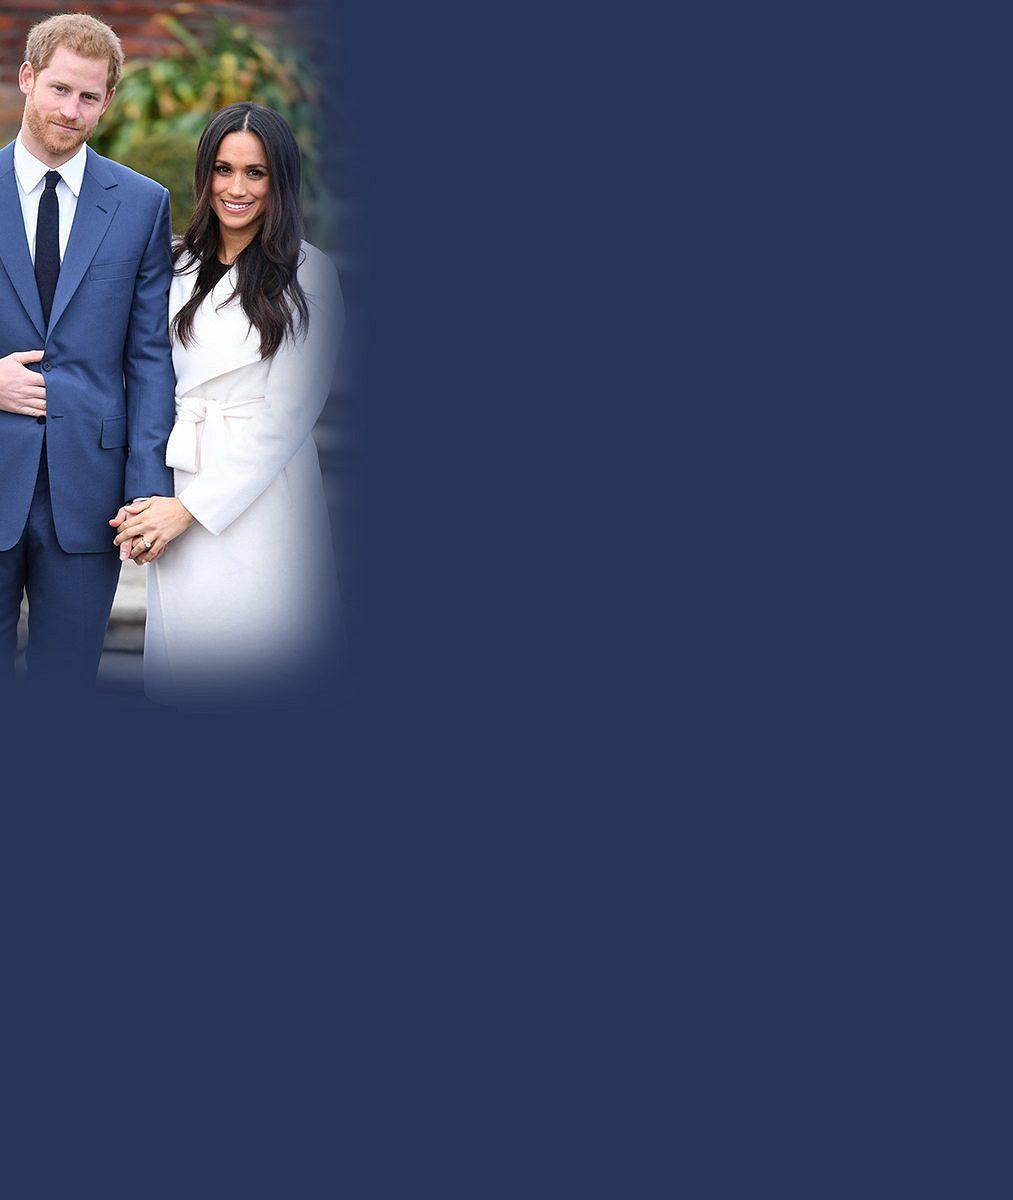 Narozeninové štěstí prince Charlese: Následníka trůnu obklopili synové William a Harry s krásnými manželkami i jeho tři vnoučata